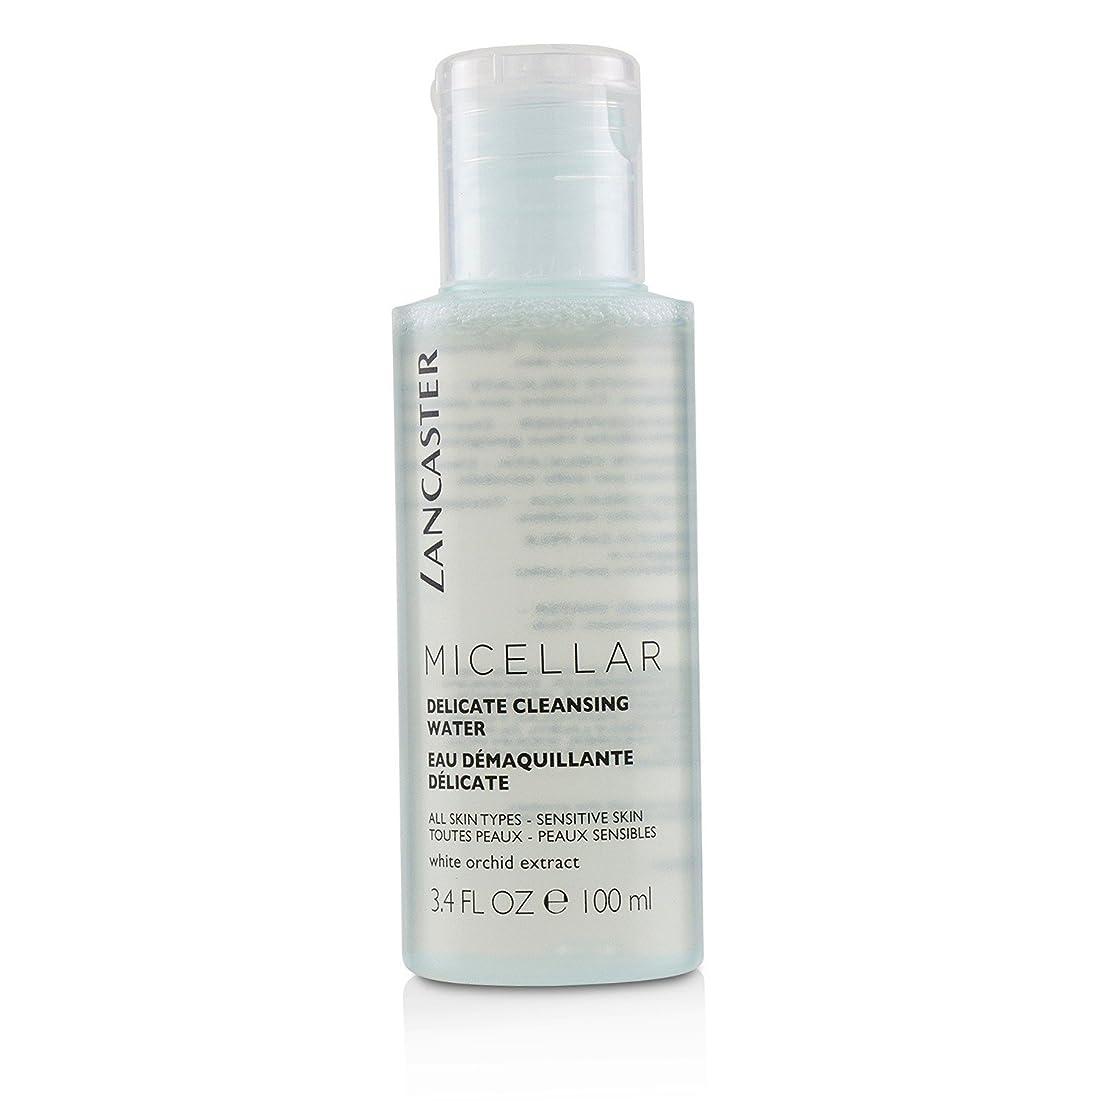 差別使役種をまくランカスター Micellar Delicate Cleansing Water - All Skin Types, Including Sensitive Skin 100ml/3.4oz並行輸入品